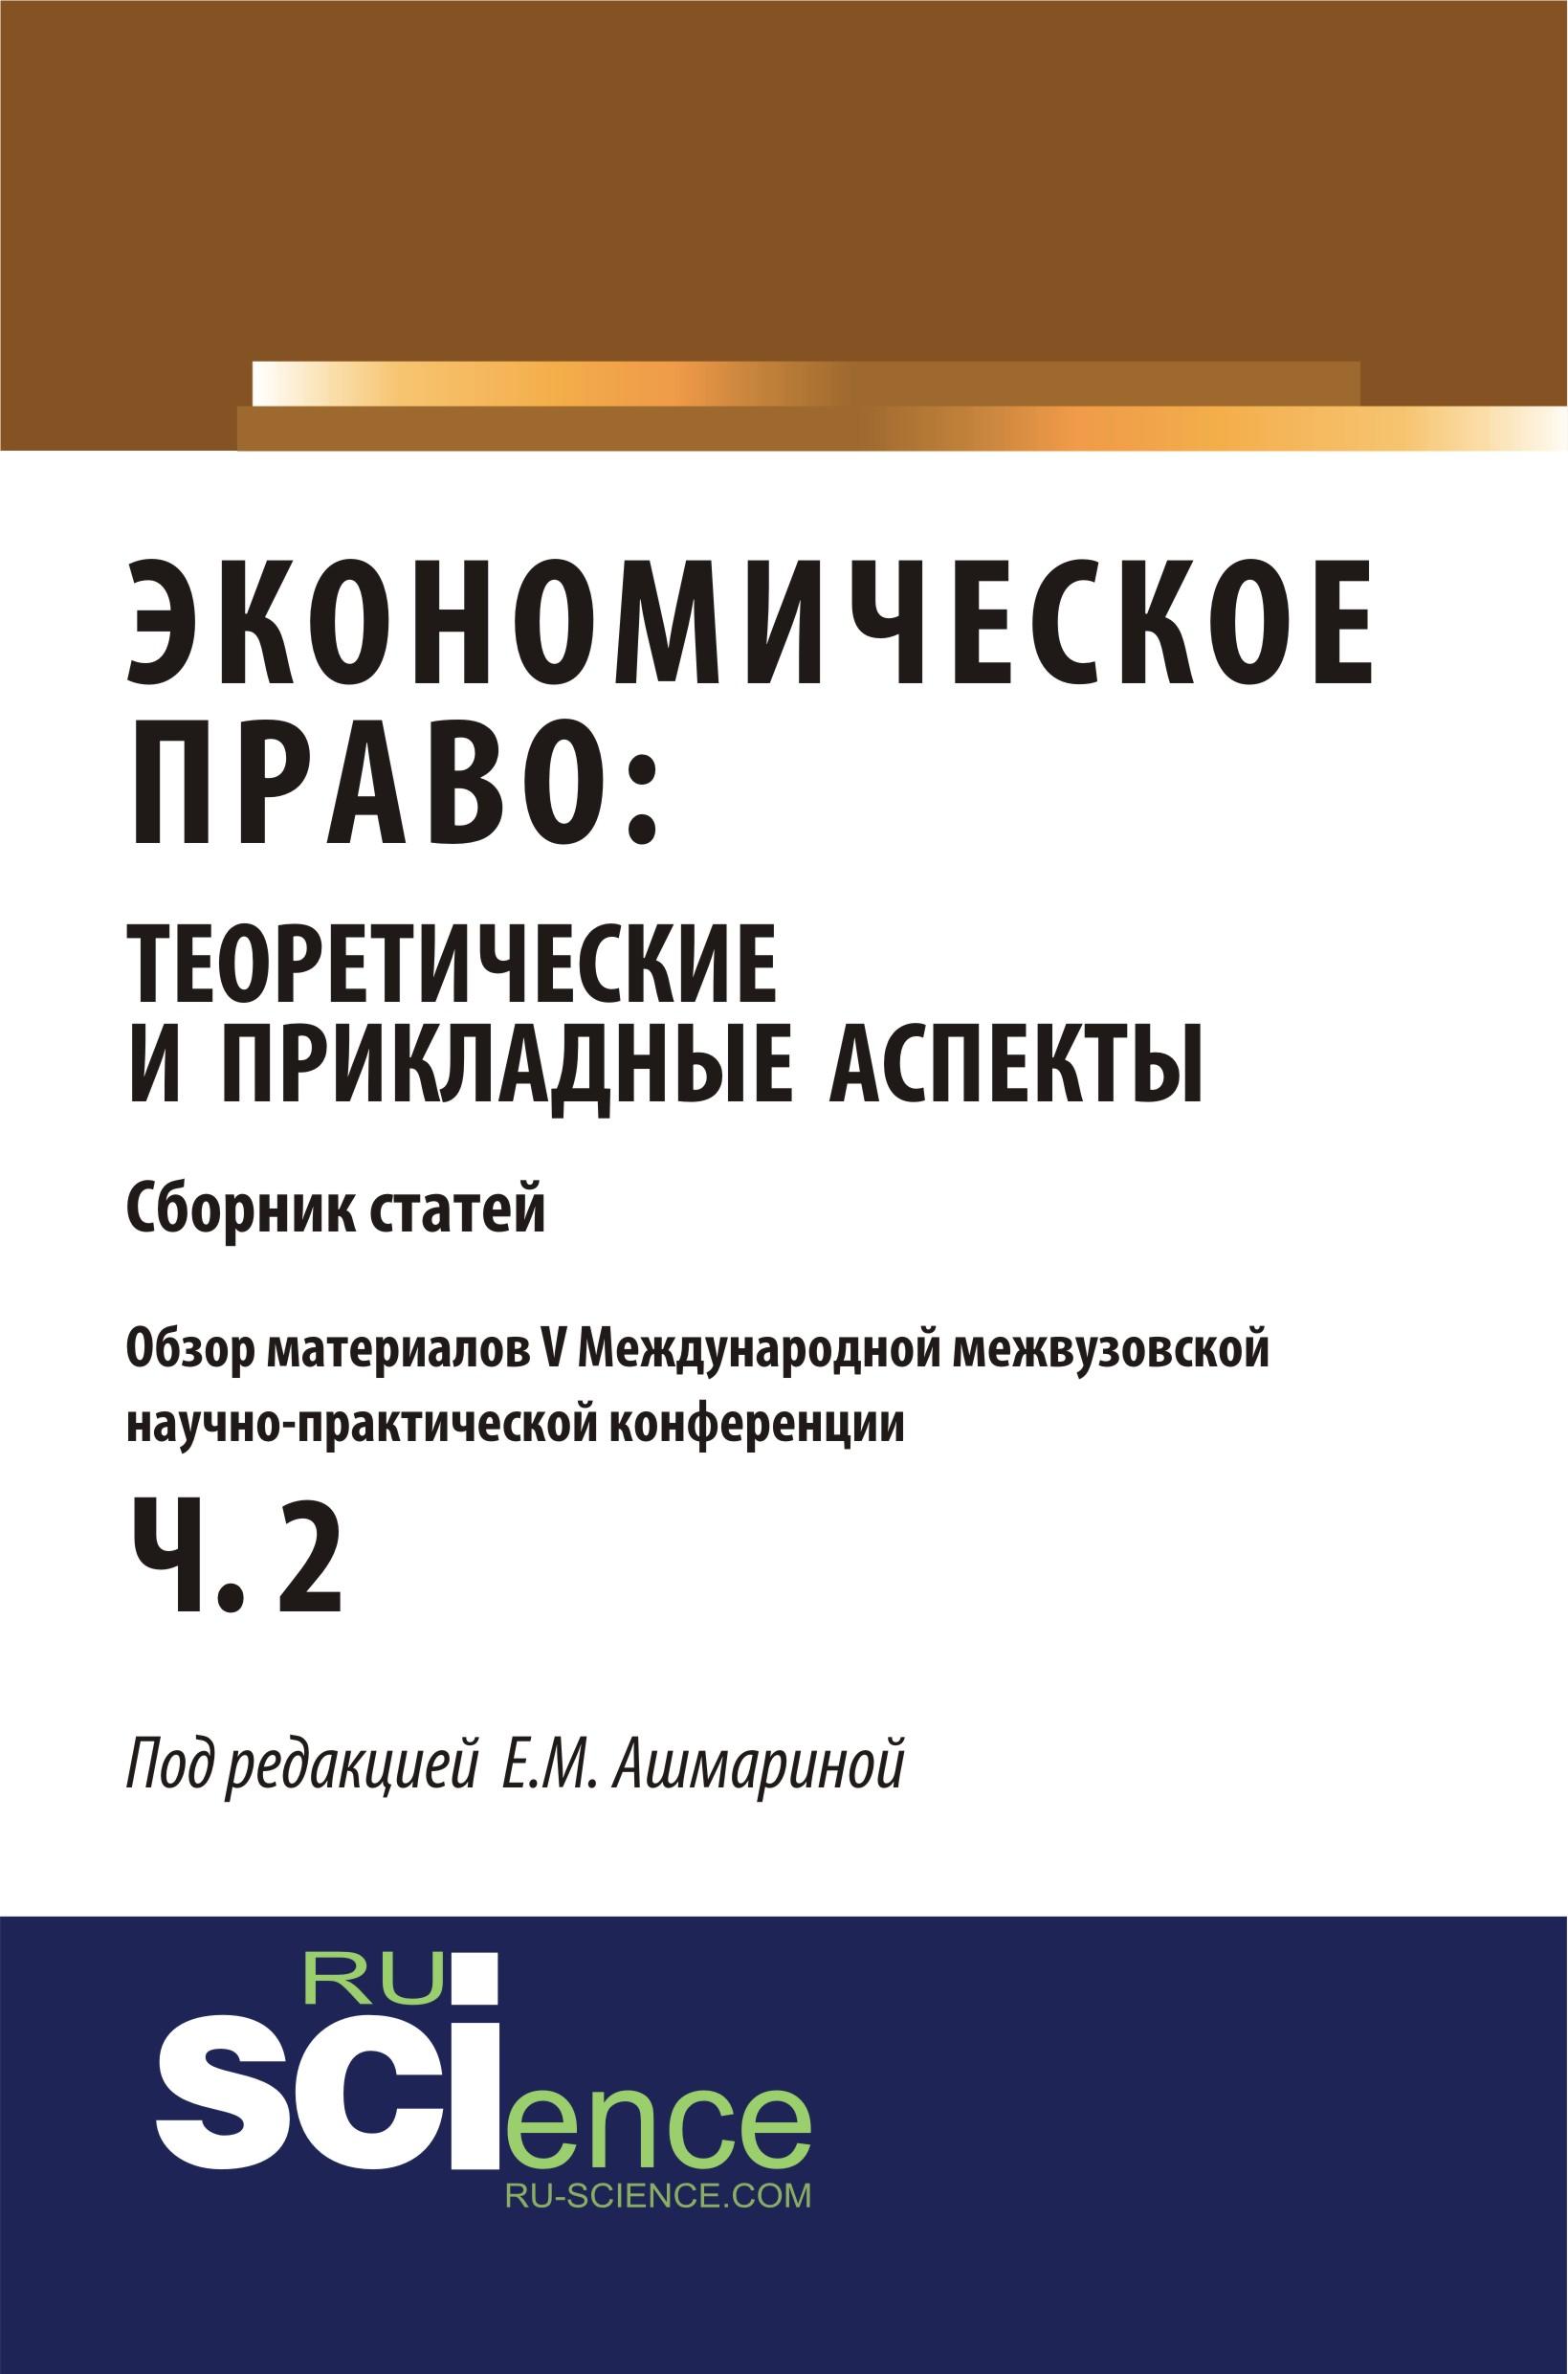 Сборник статей Экономическое право: теоретические и прикладные аспекты. Часть 2 цена